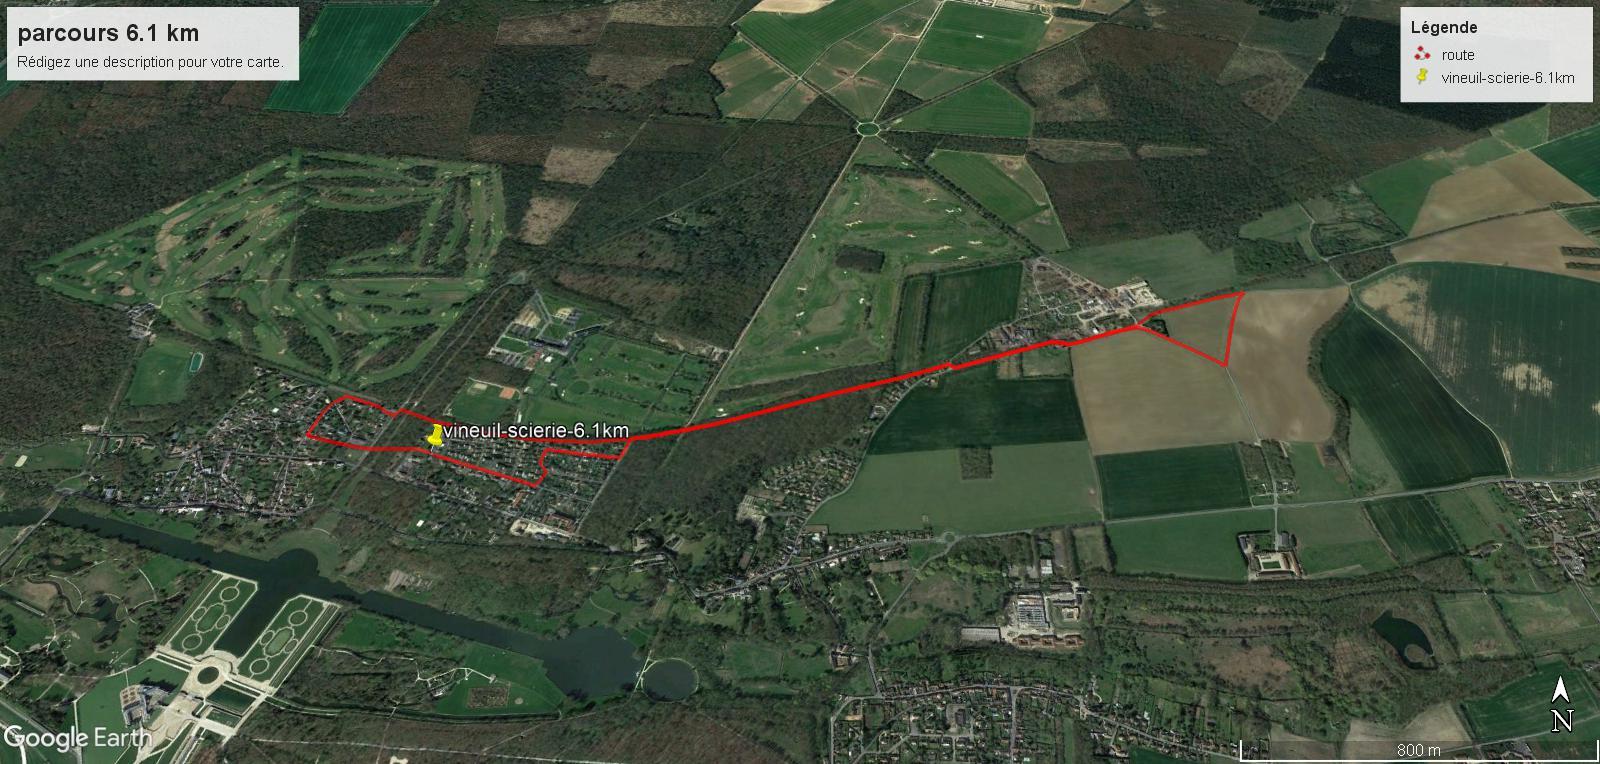 parcours-vineuil-scierie-6.1km